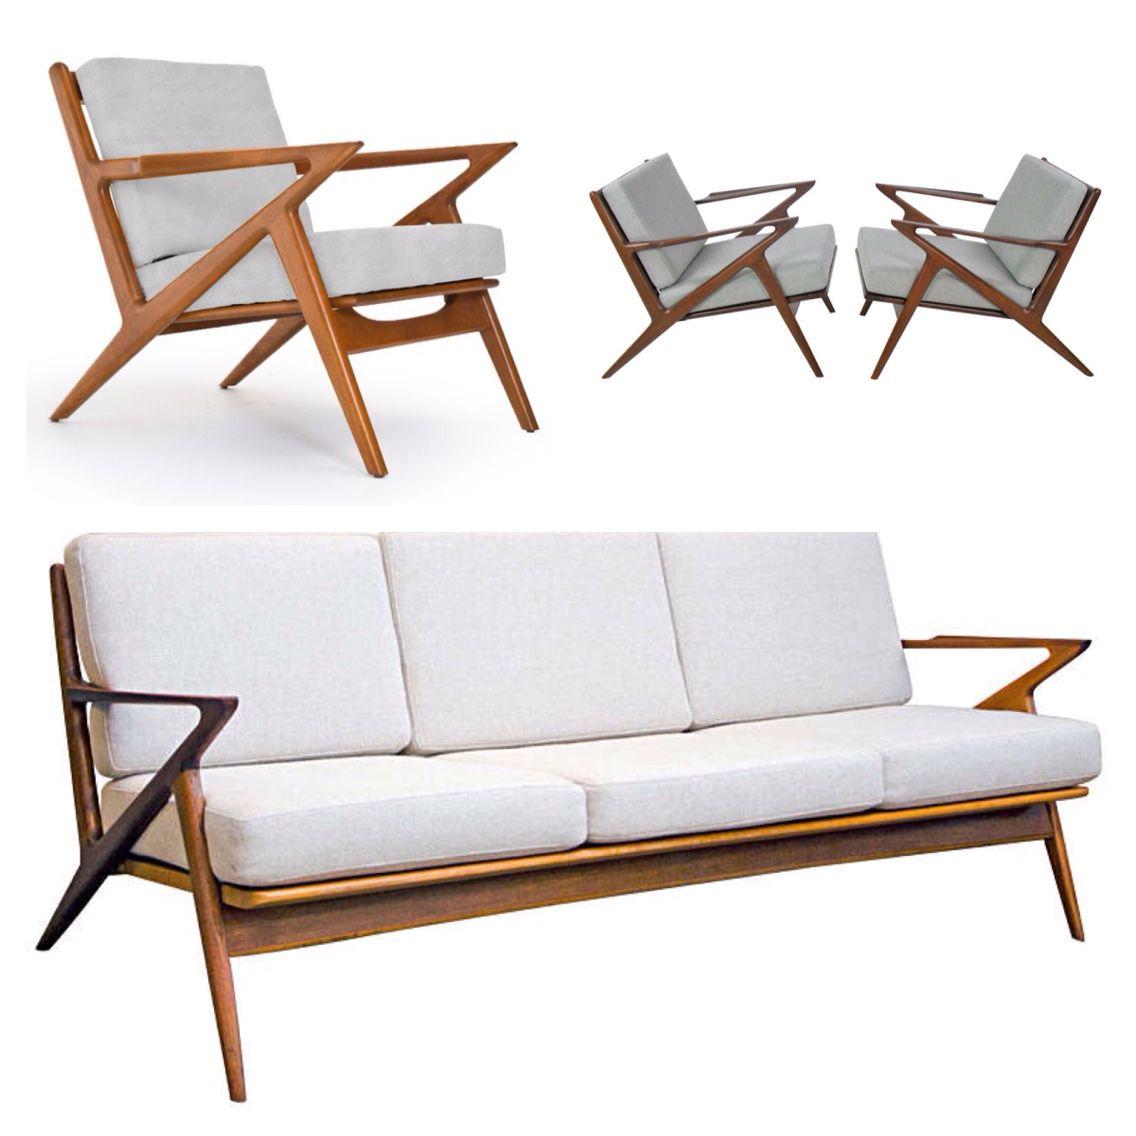 Poul Jensen design